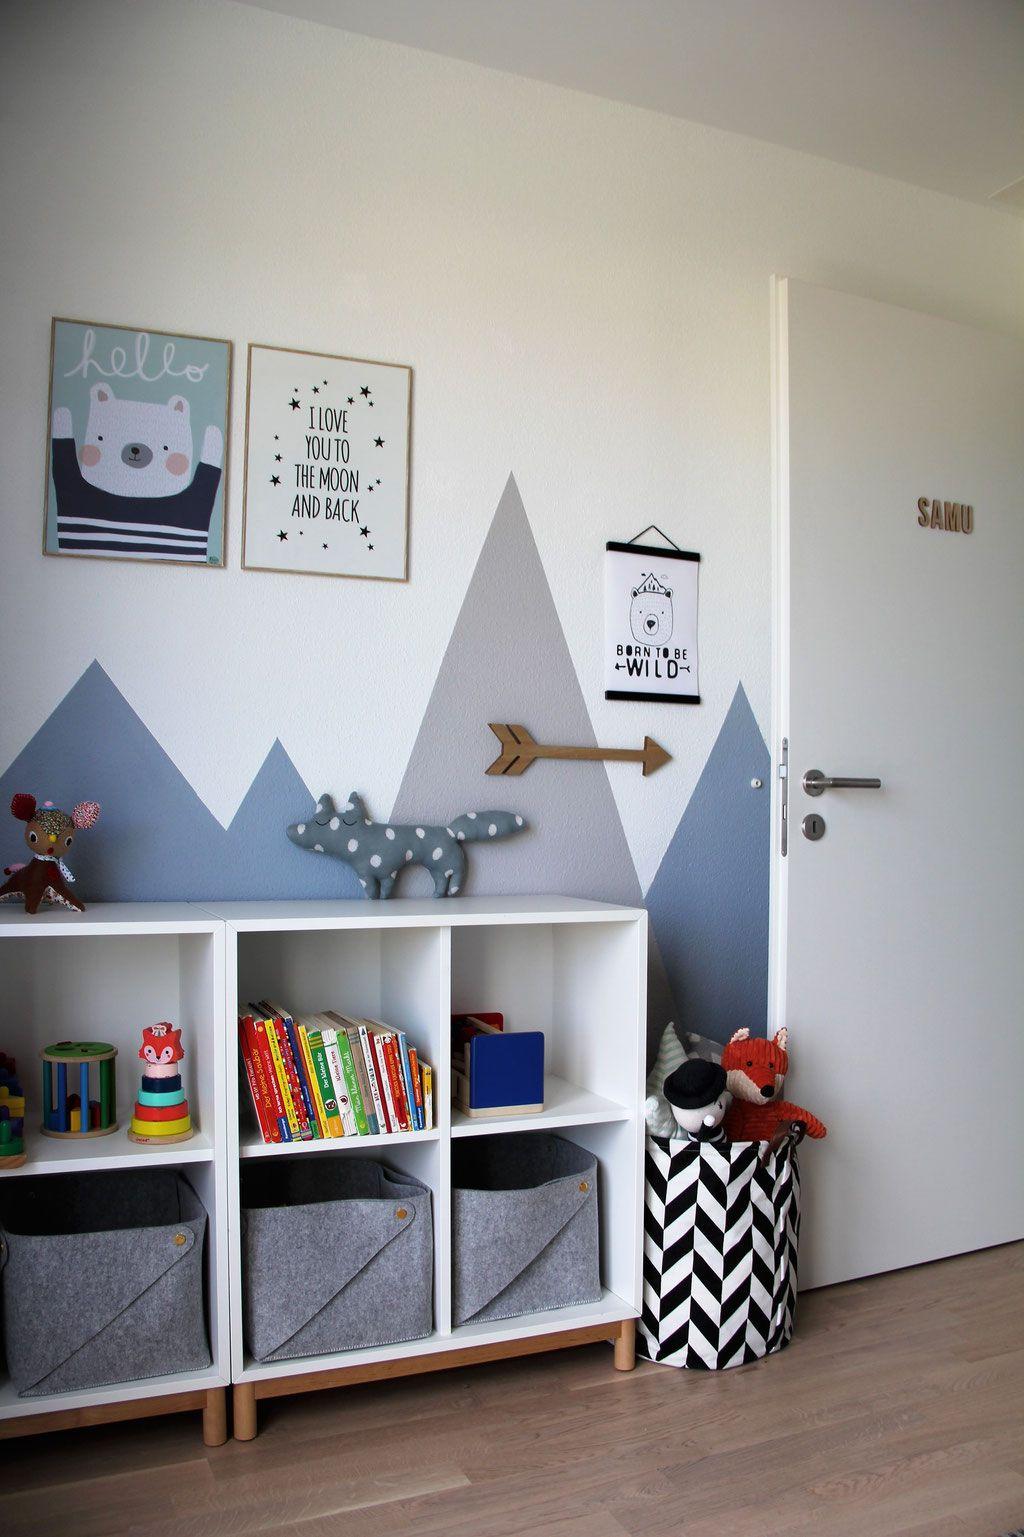 Full Size of Wandgestaltung Kinderzimmer Jungen Babyzimmer Mint Grau Best Of Fotografie Inspiration Regal Regale Weiß Sofa Wohnzimmer Wandgestaltung Kinderzimmer Jungen